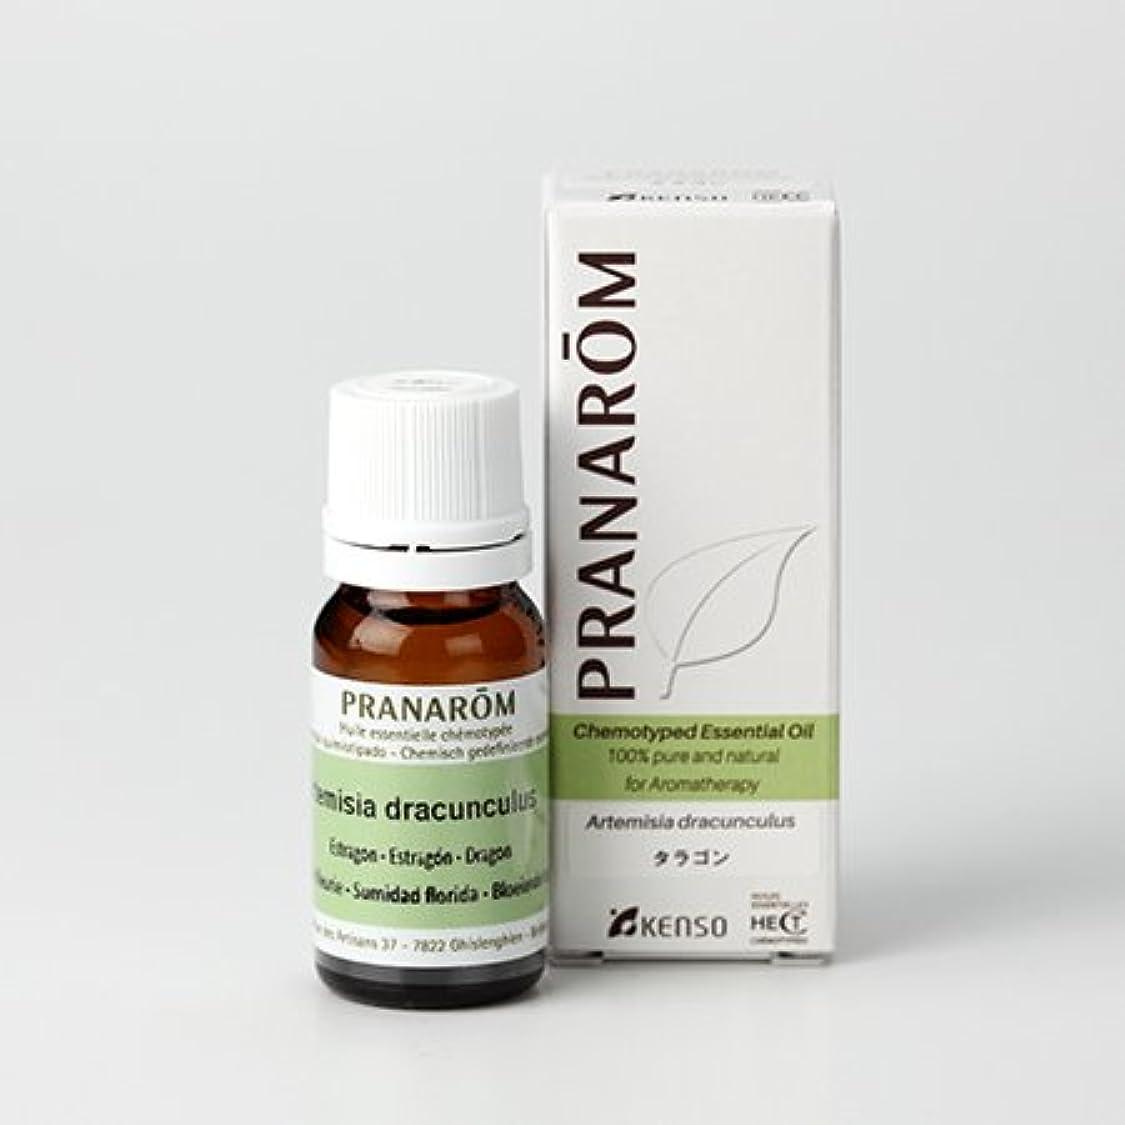 契約する未接続本能プラナロム ( PRANAROM ) 精油 タラゴン 10ml p-15